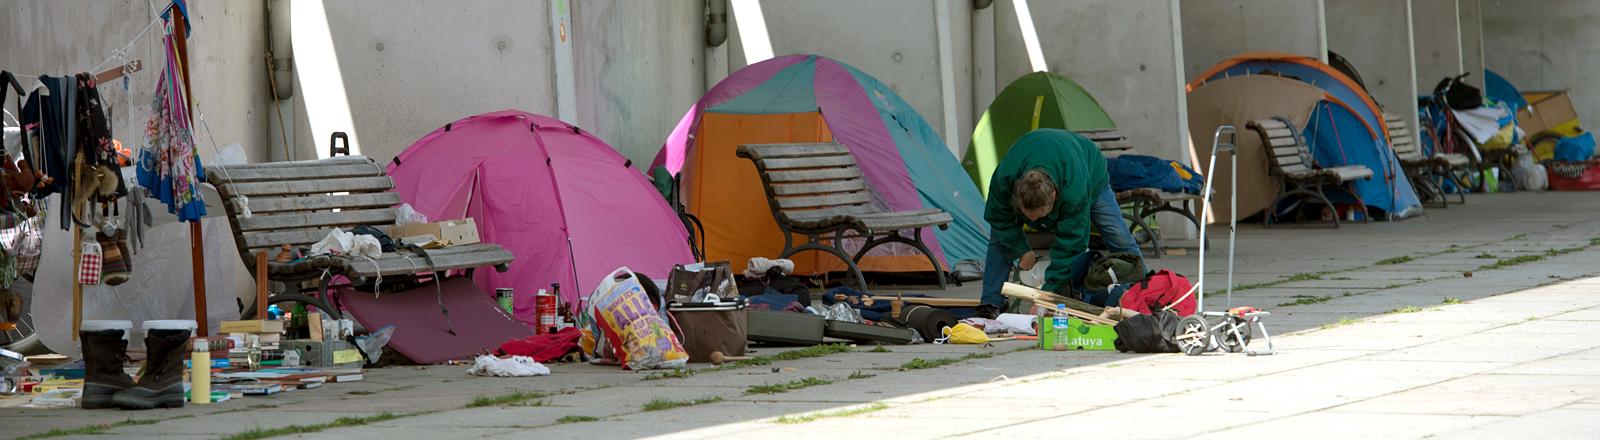 Zelte stehen in einer Reihe